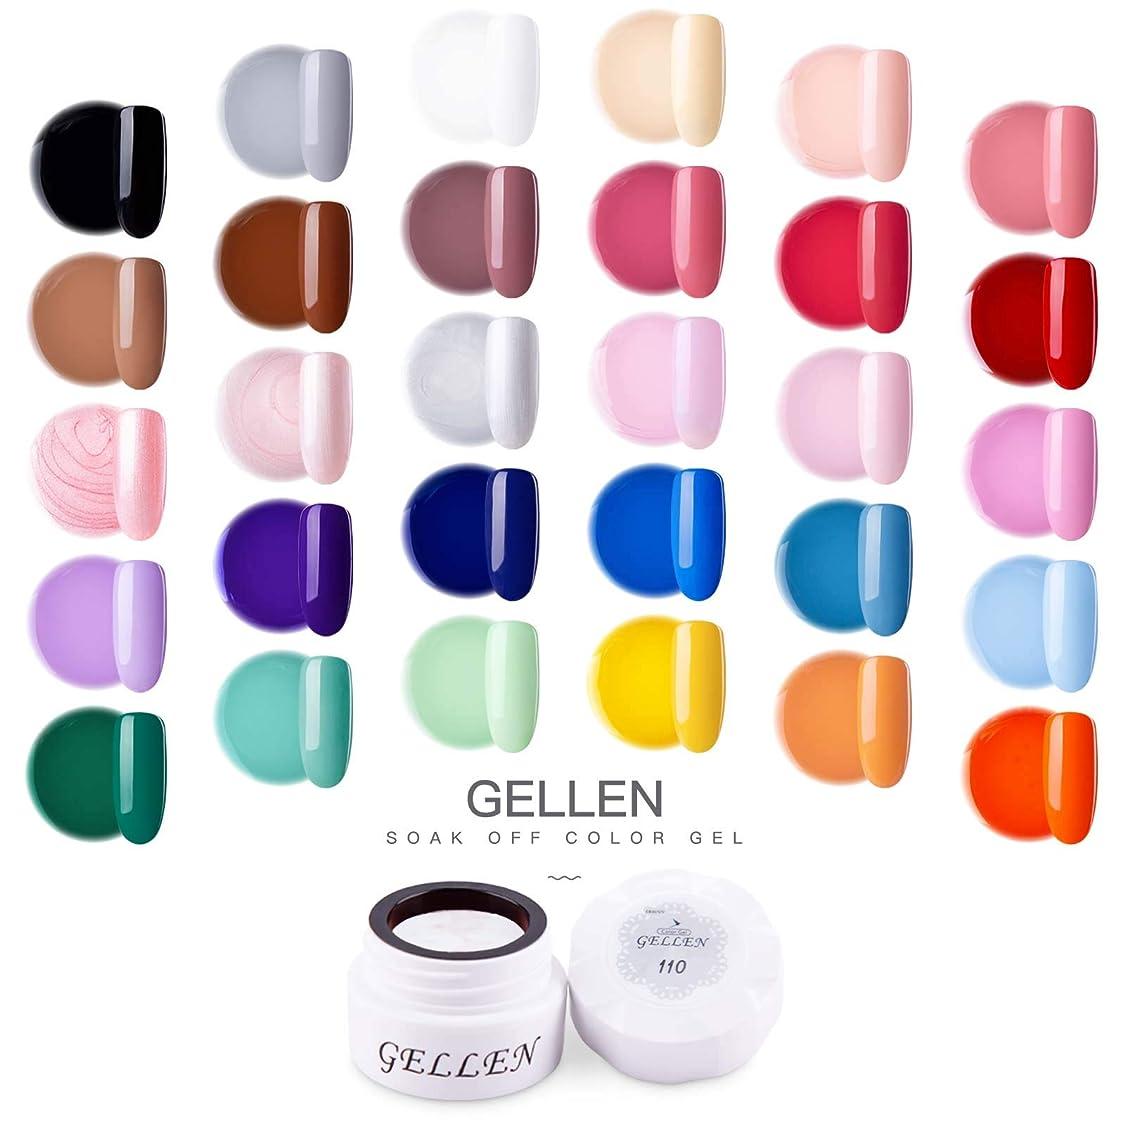 バレル粘性のクリップ蝶Gellen カラージェル 30色定番カラー セット 高品質 5g ジェルネイル カラー ネイルブラシ付き